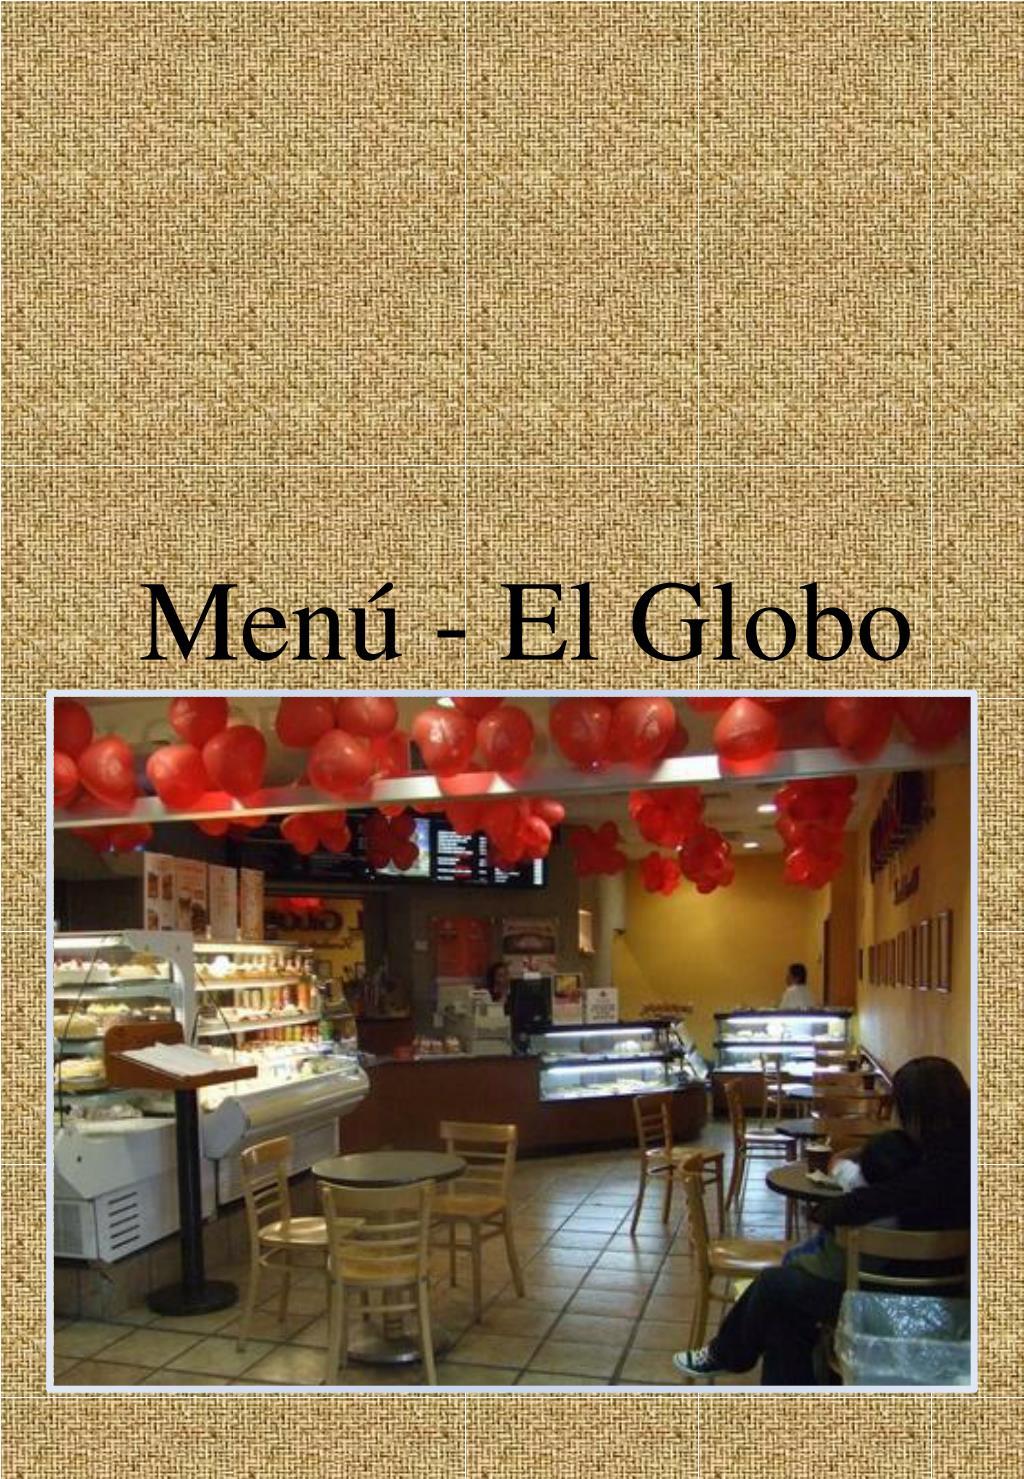 Menú - El Globo